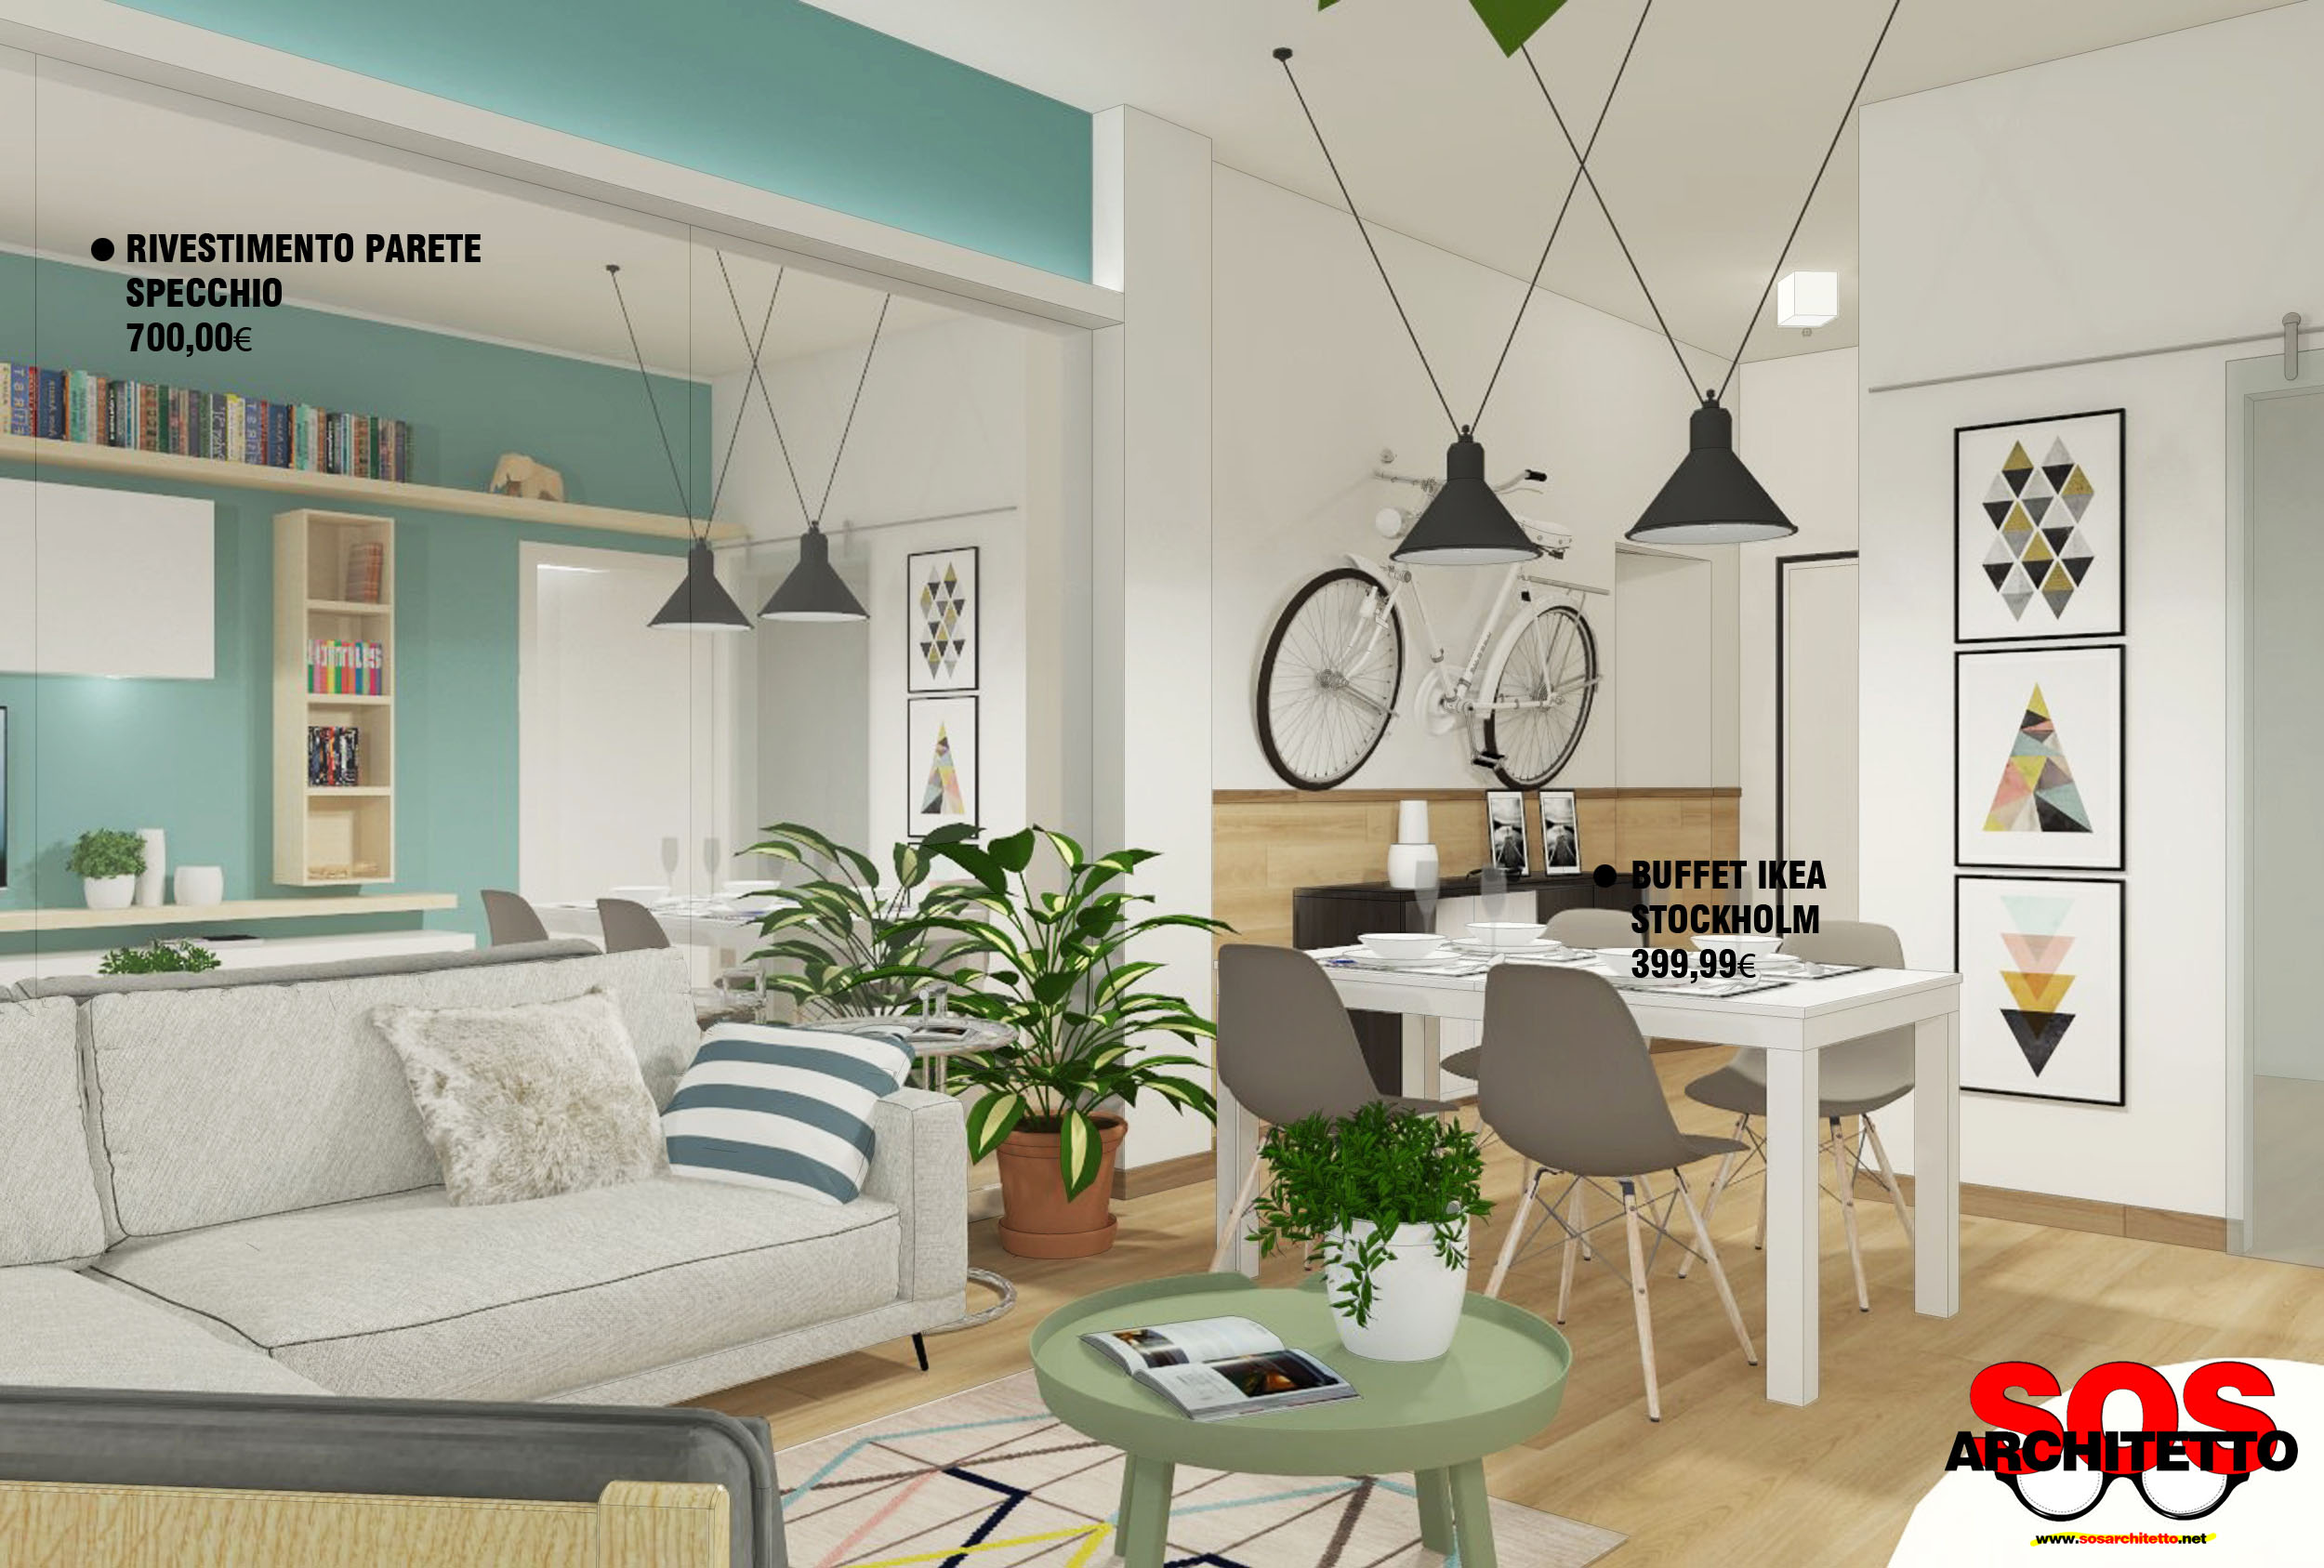 Arredare Casa Gratis Online rivoluzionare un soggiorno con l'arredamento giusto - sos